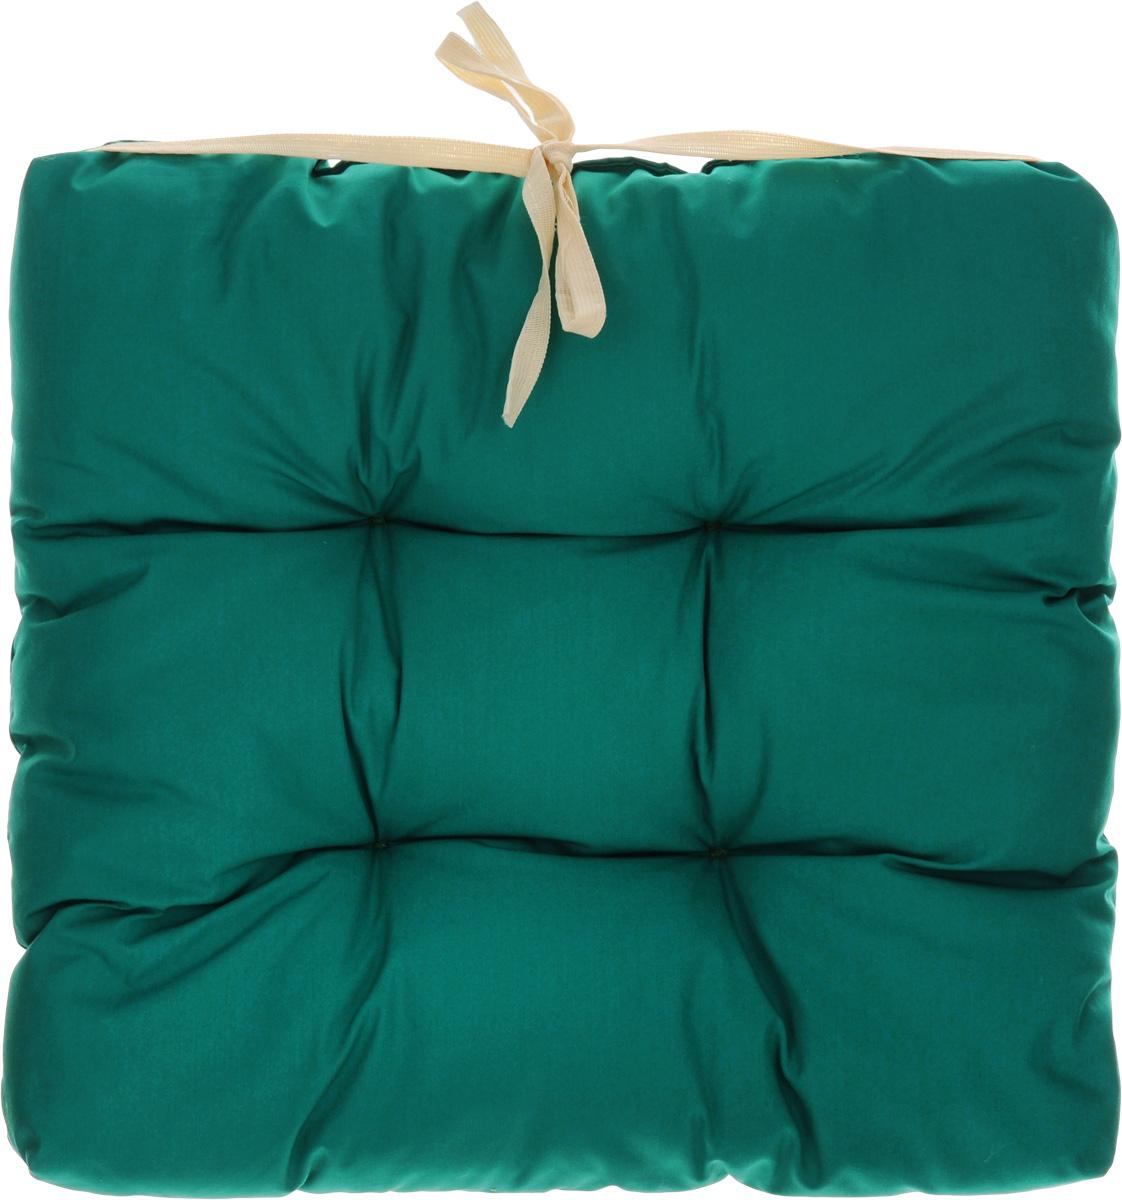 Подушка на стул Eva, объемная, цвет: зеленый, 40 х 40 смЕ064_зеленыйПодушка Eva, изготовленная из хлопка, прослужит вамне один десяток лет.Внутри - мягкий наполнитель из полиэстера. Стежканадежно удерживает наполнитель внутри ине позволяет ему скатываться. Подушка легко крепитсяна стул с помощью завязок.Правильно сидеть - значит сохранить здоровье на долгиегоды. Жесткие сидения подвергаютнаше здоровье опасности. Подушка с наполнителем изполиэстера поможет предотвратитьмногие беды, которыми грозит сидячий образ жизни.